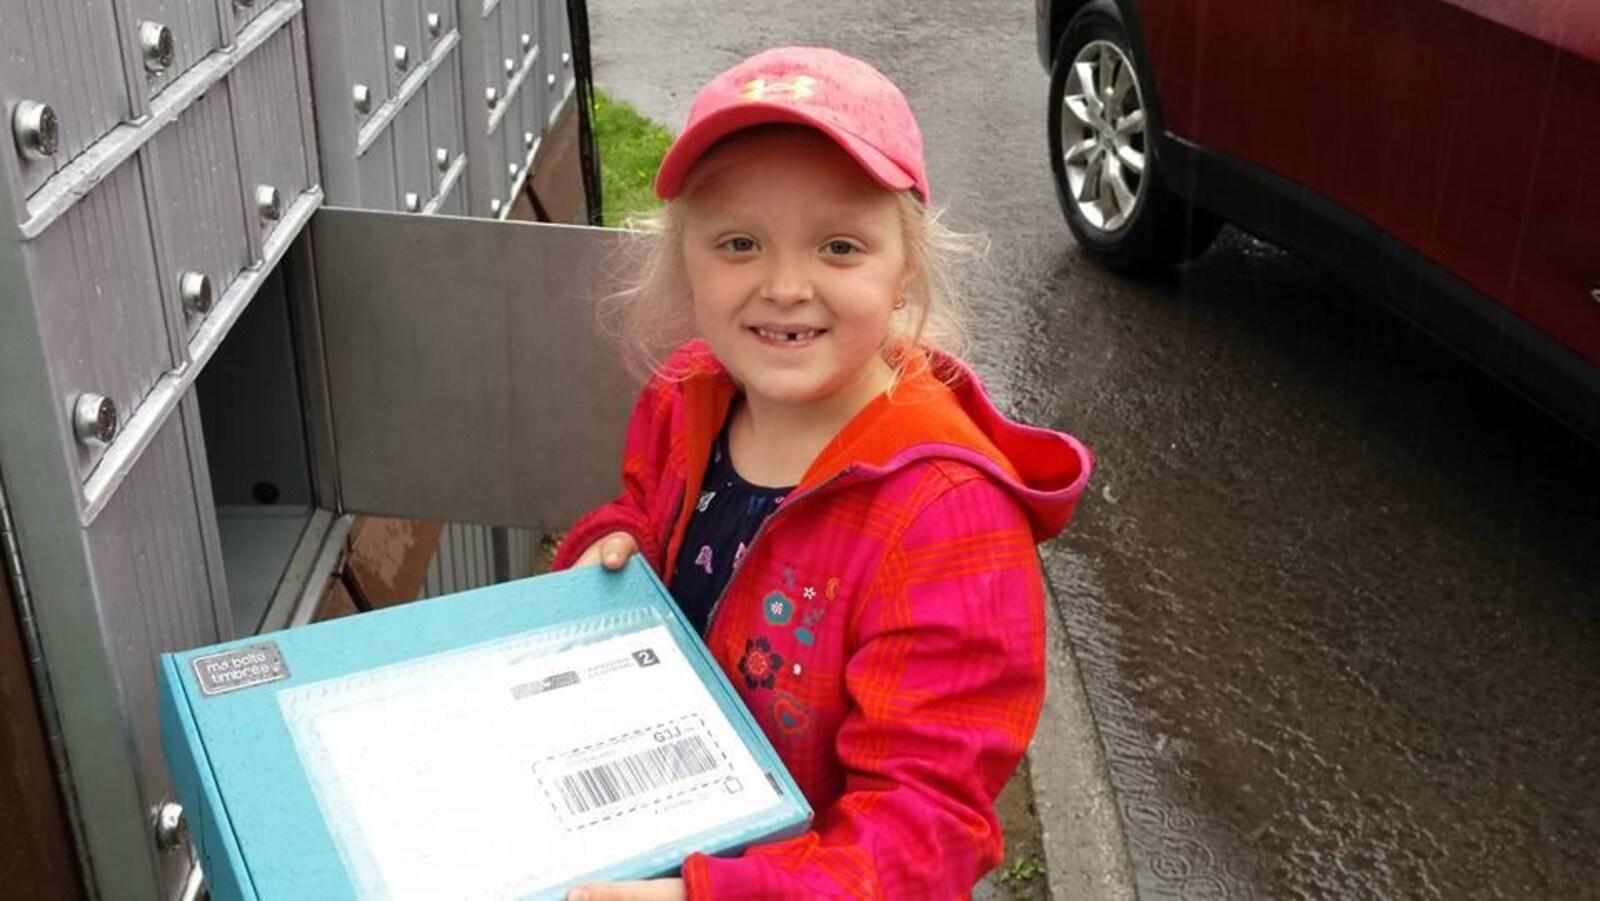 Exemple de boîte expédiée aux enfants par Ma Boîte timbrée